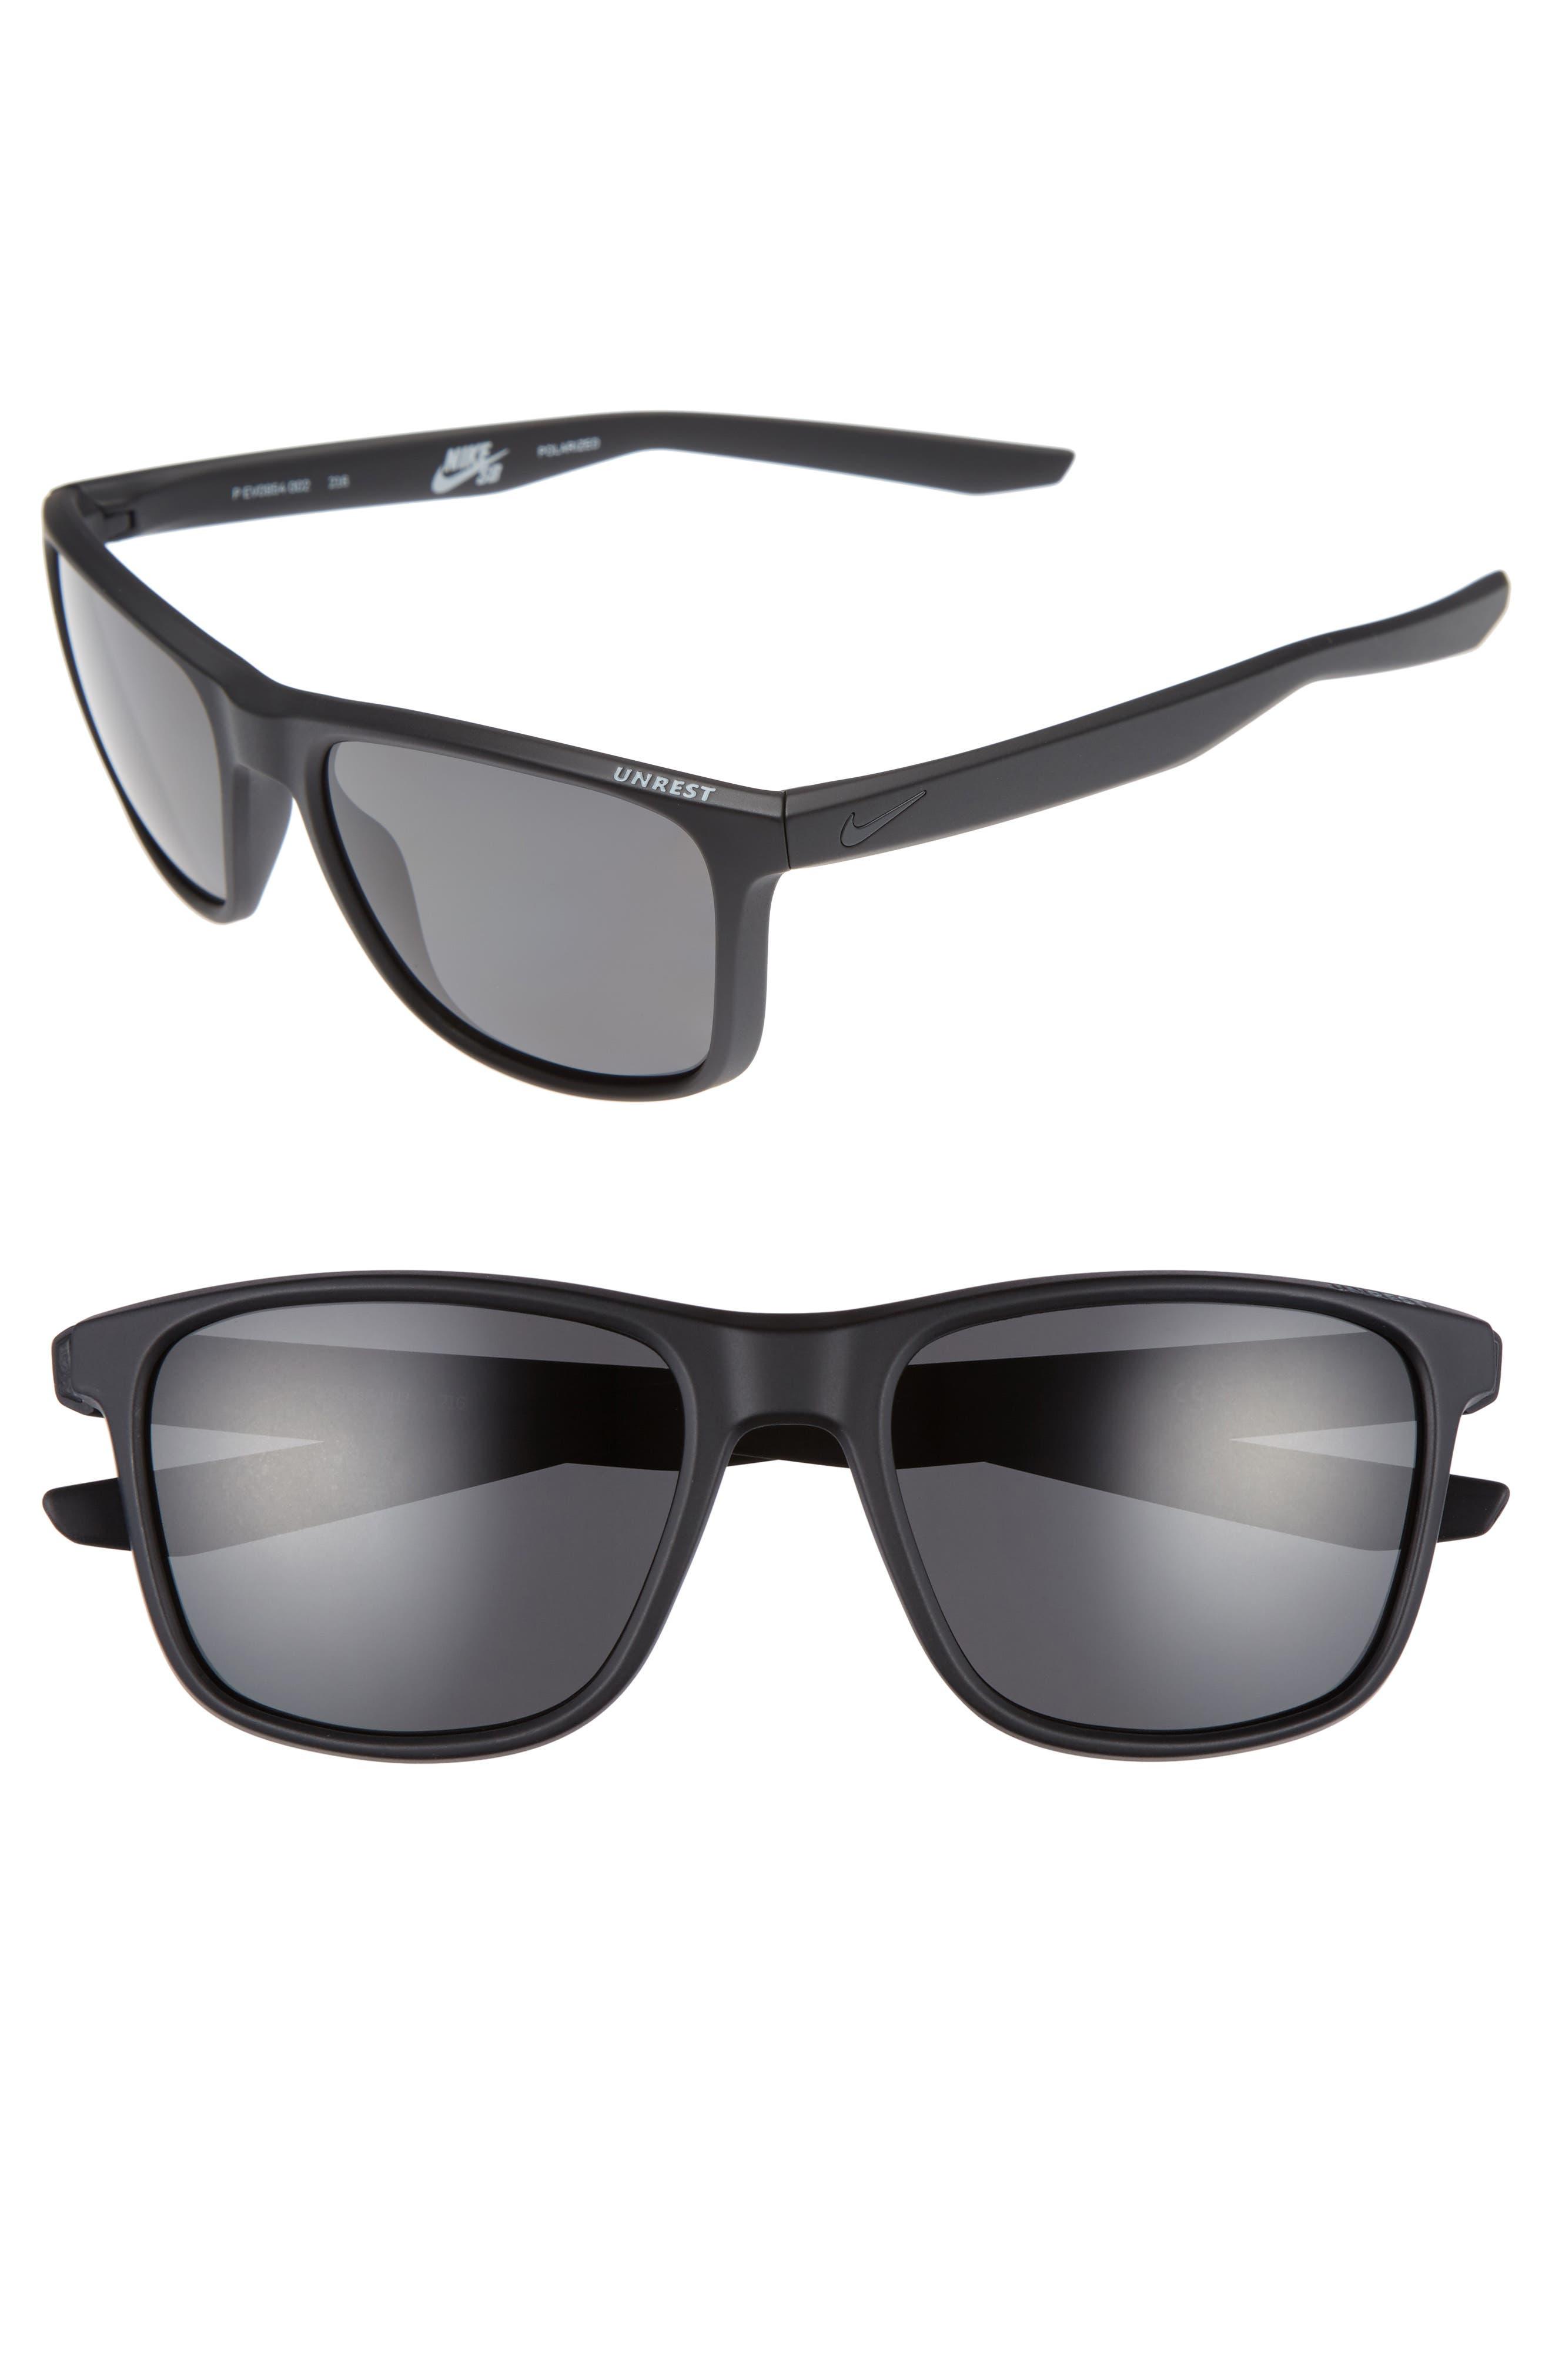 Unrest 57mm Polarized Sunglasses,                             Main thumbnail 1, color,                             Matte Black/ Deep Pewter